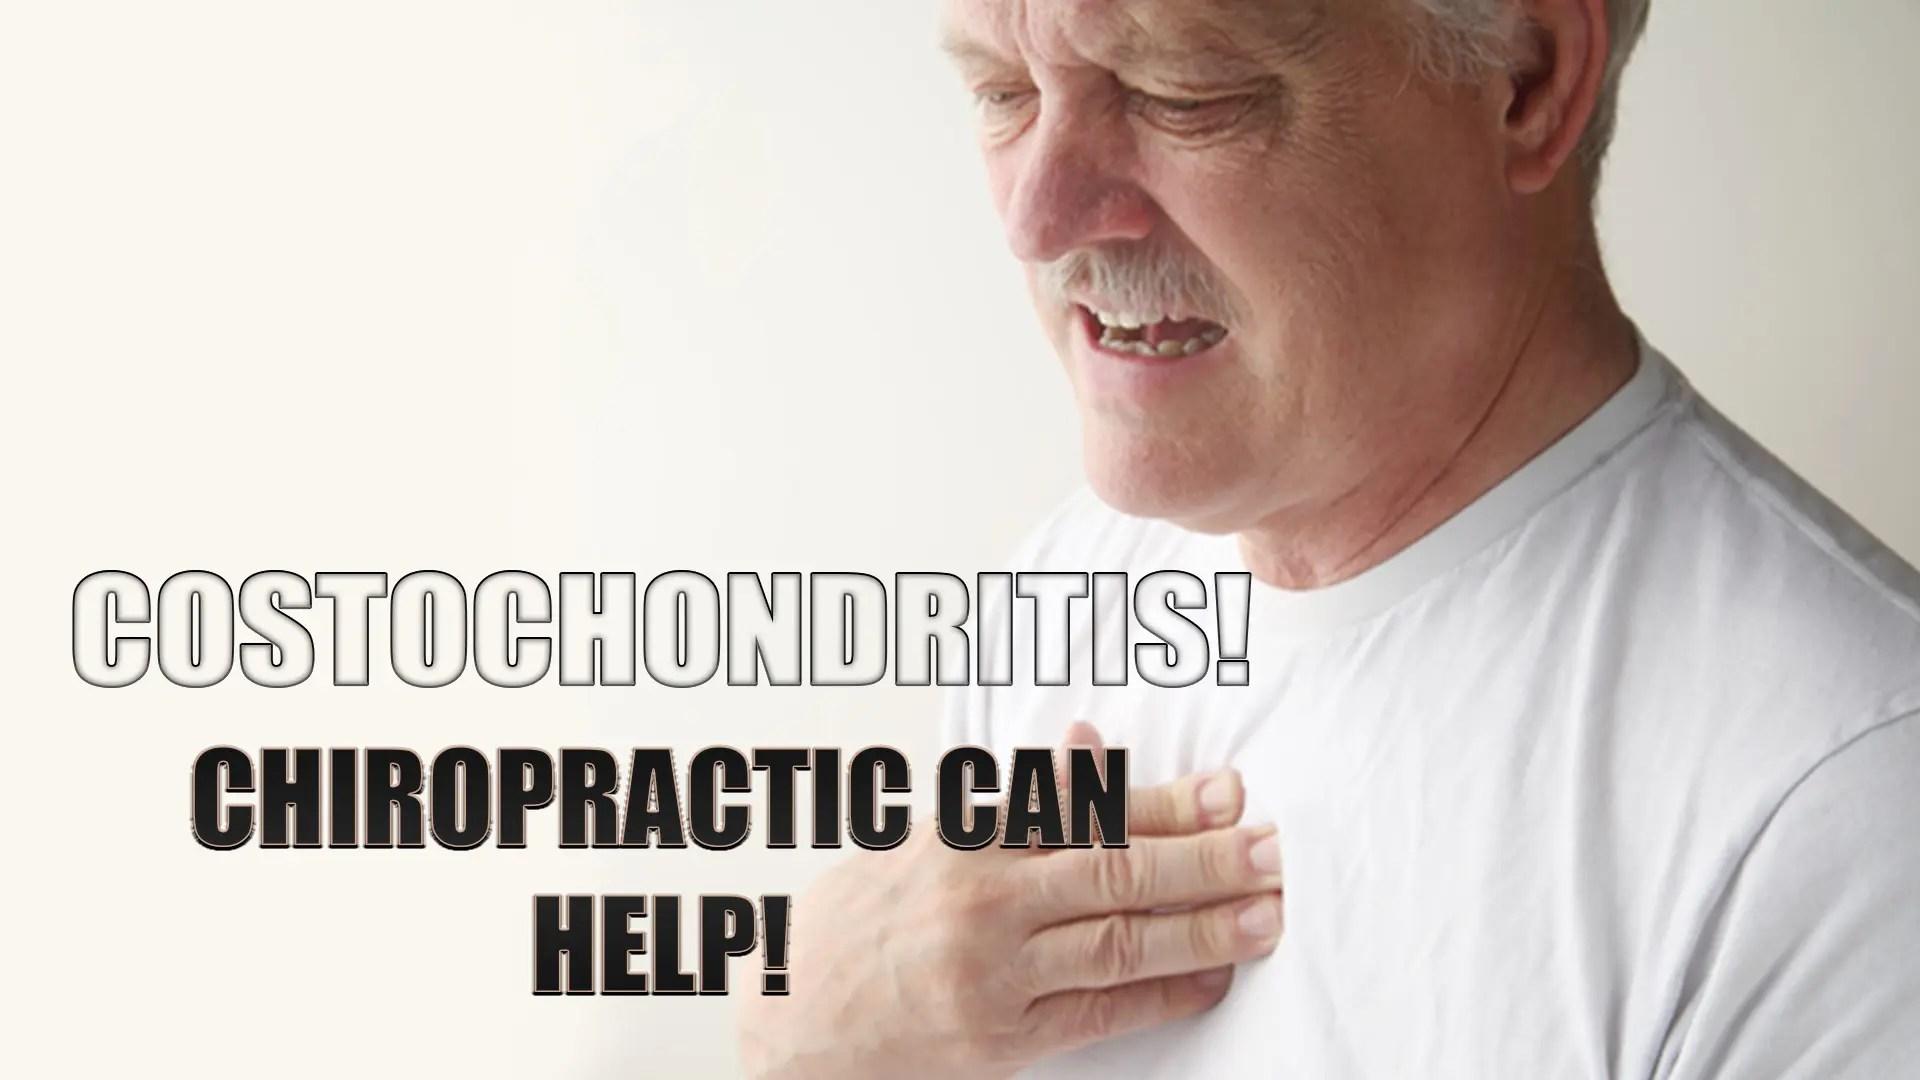 Costochondritis! Chiropractic Can Help!